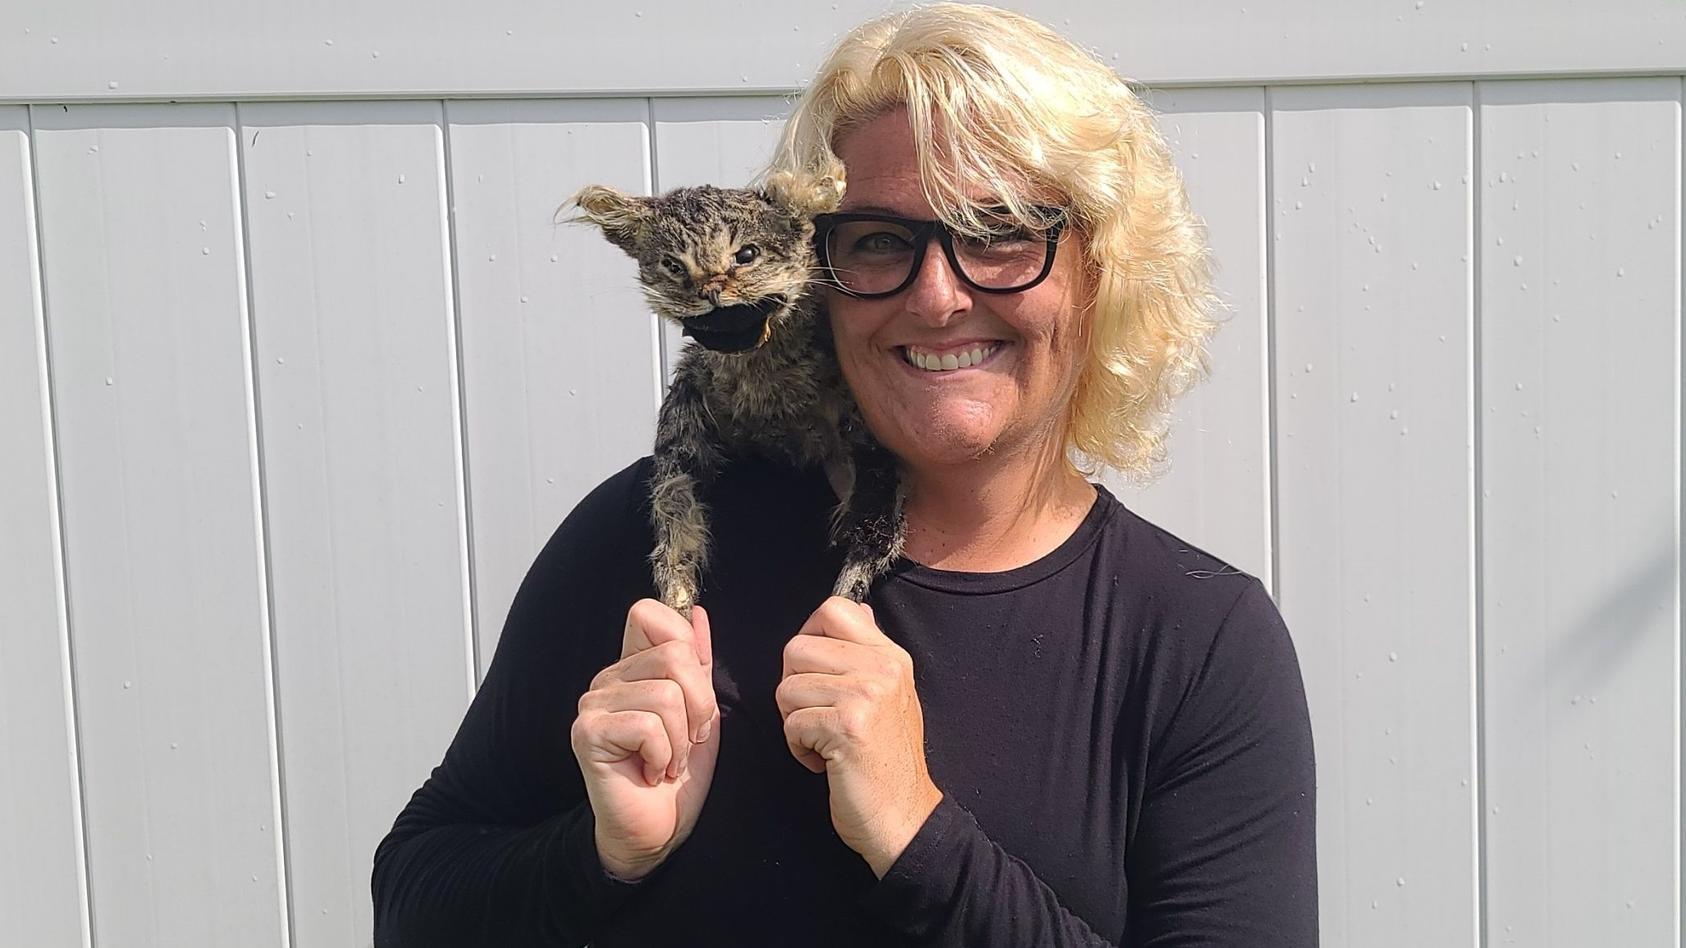 Egal, wie schräg die Gruselkatze auch aussieht, Jennifer Clark hat das ungewöhnliche Familienmitglied ins Herz geschlossen.